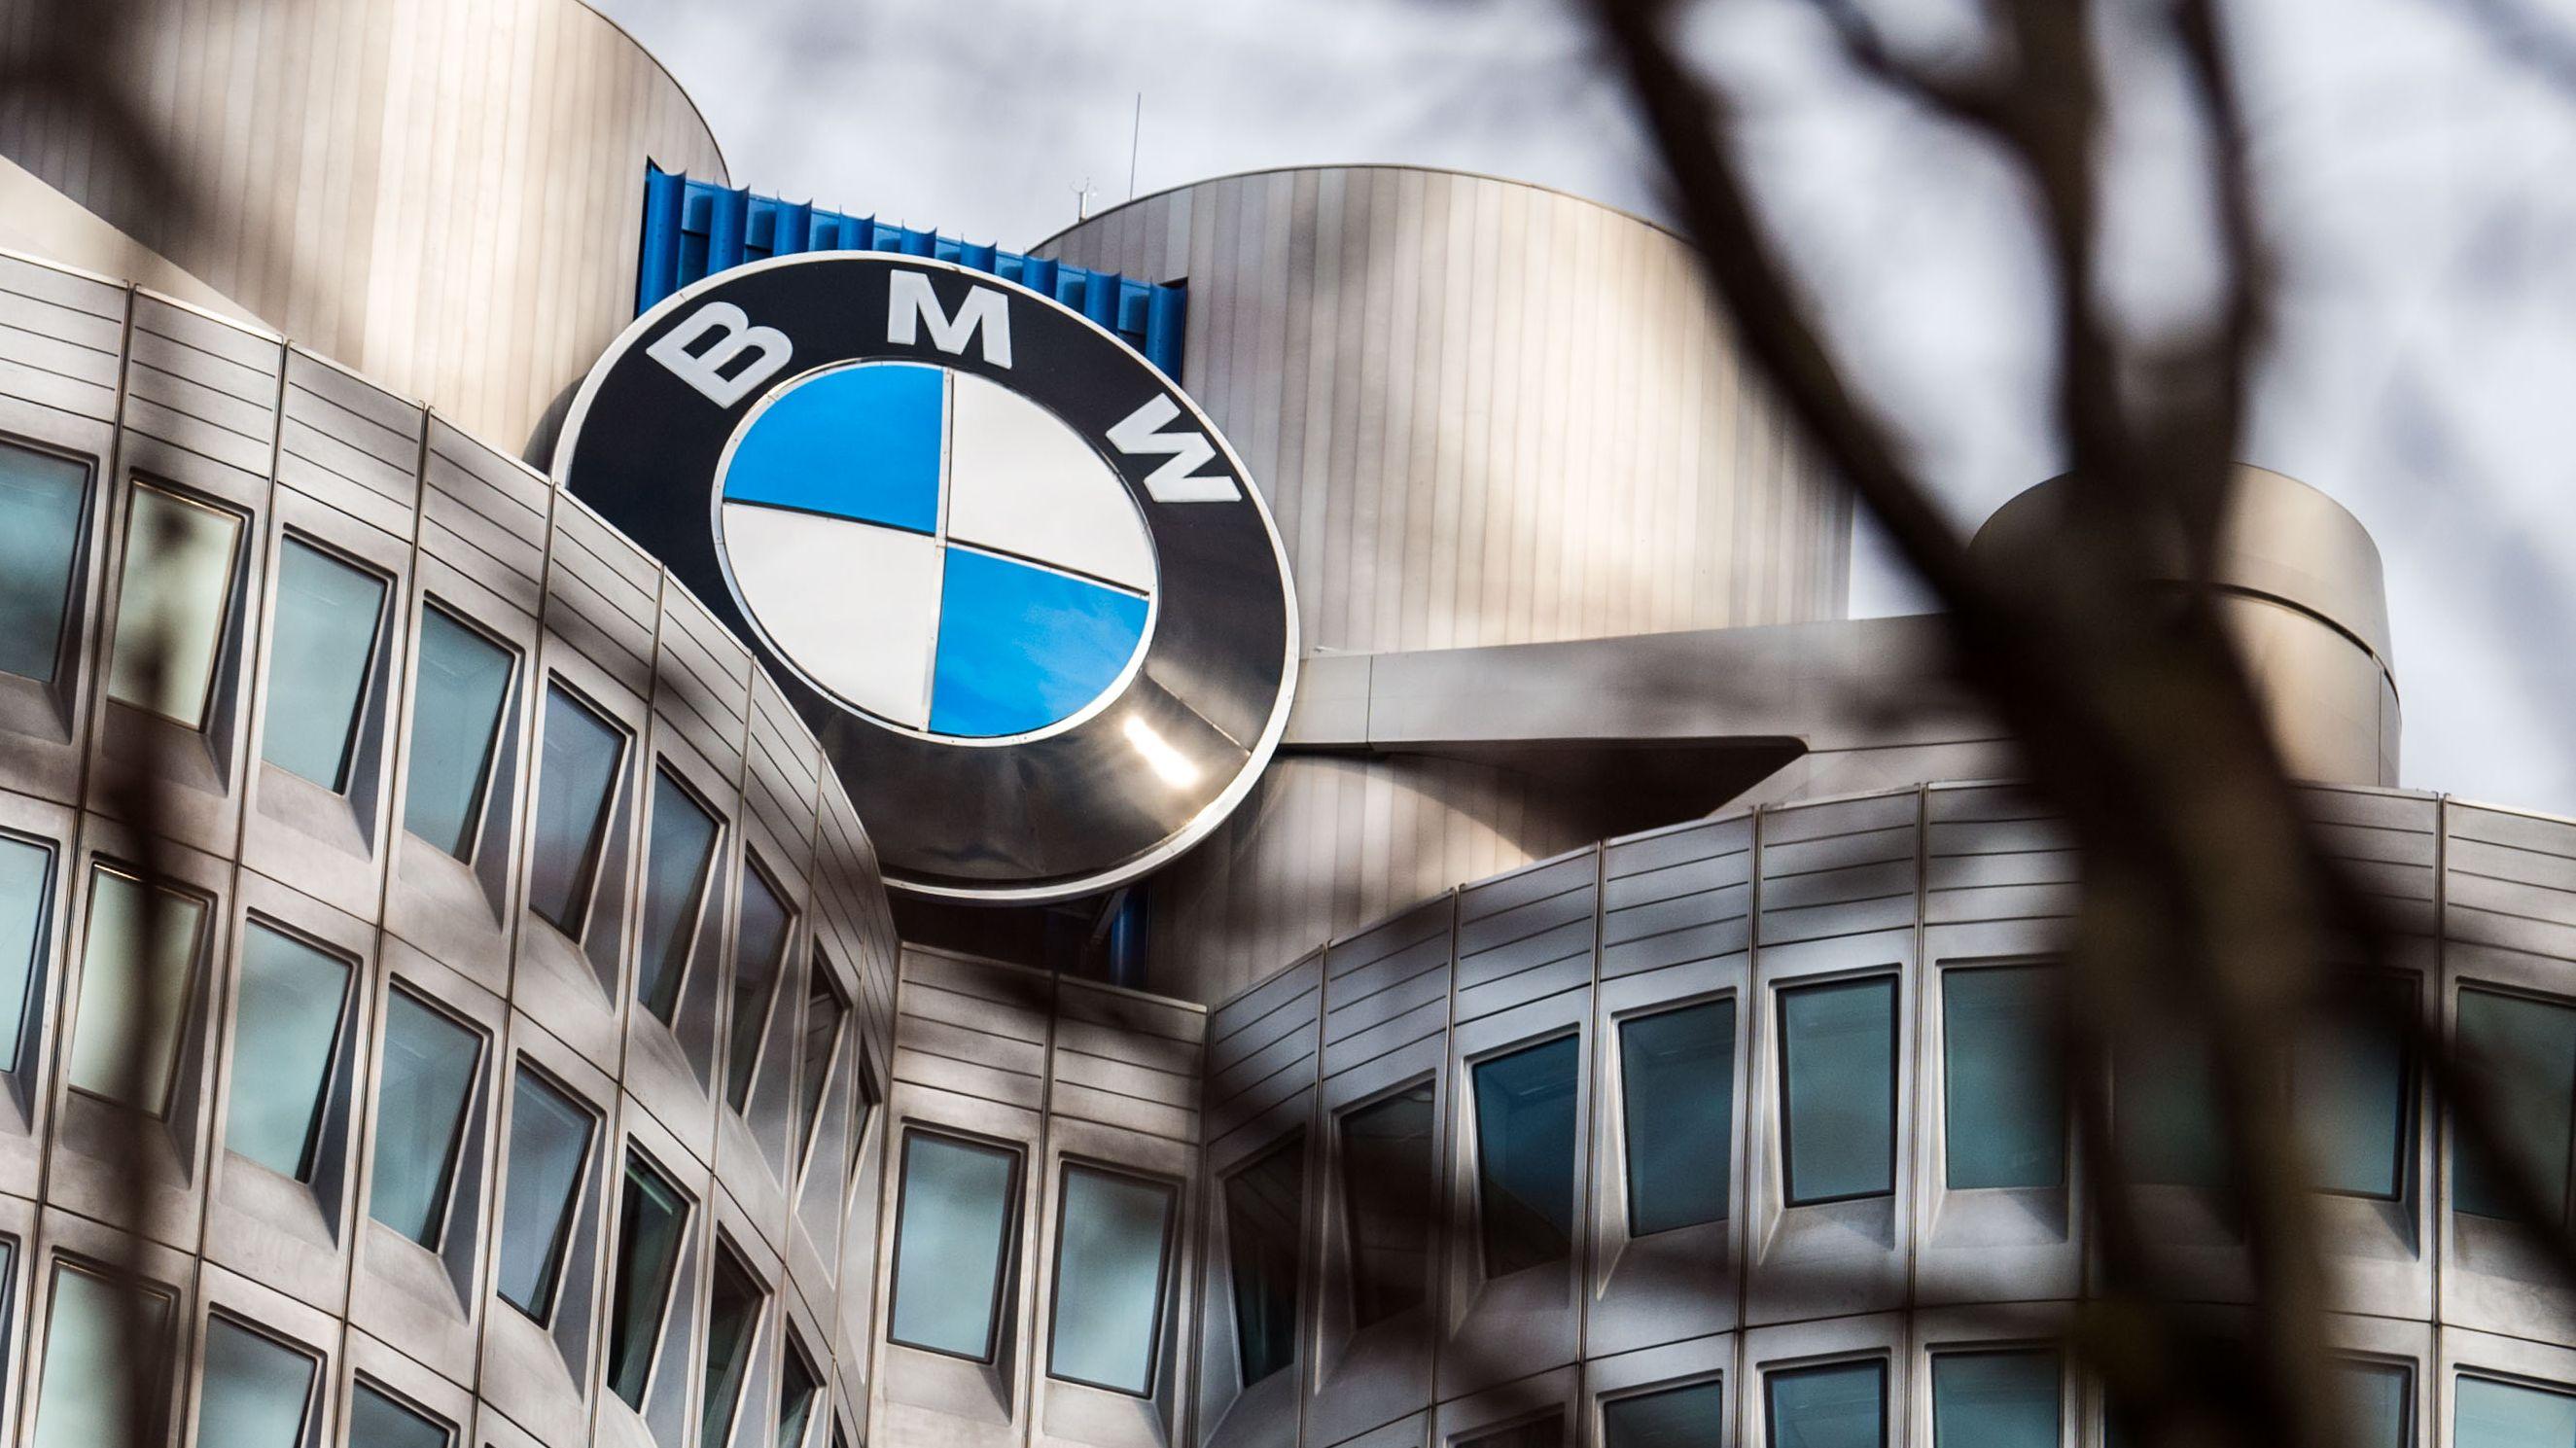 Der BMW-Turm in München mit dem Logo des Autobauers.